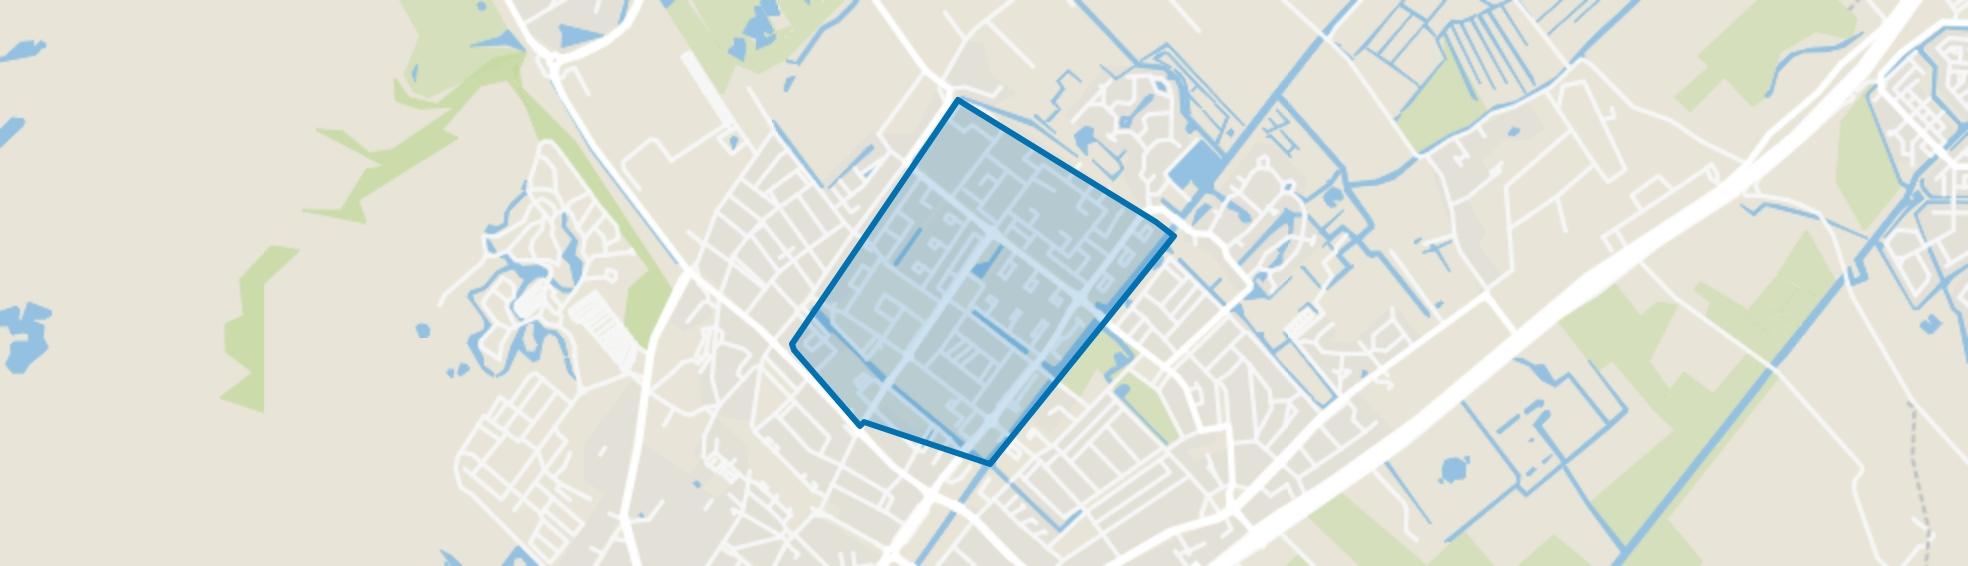 Zijlwatering en haven, Wassenaar map